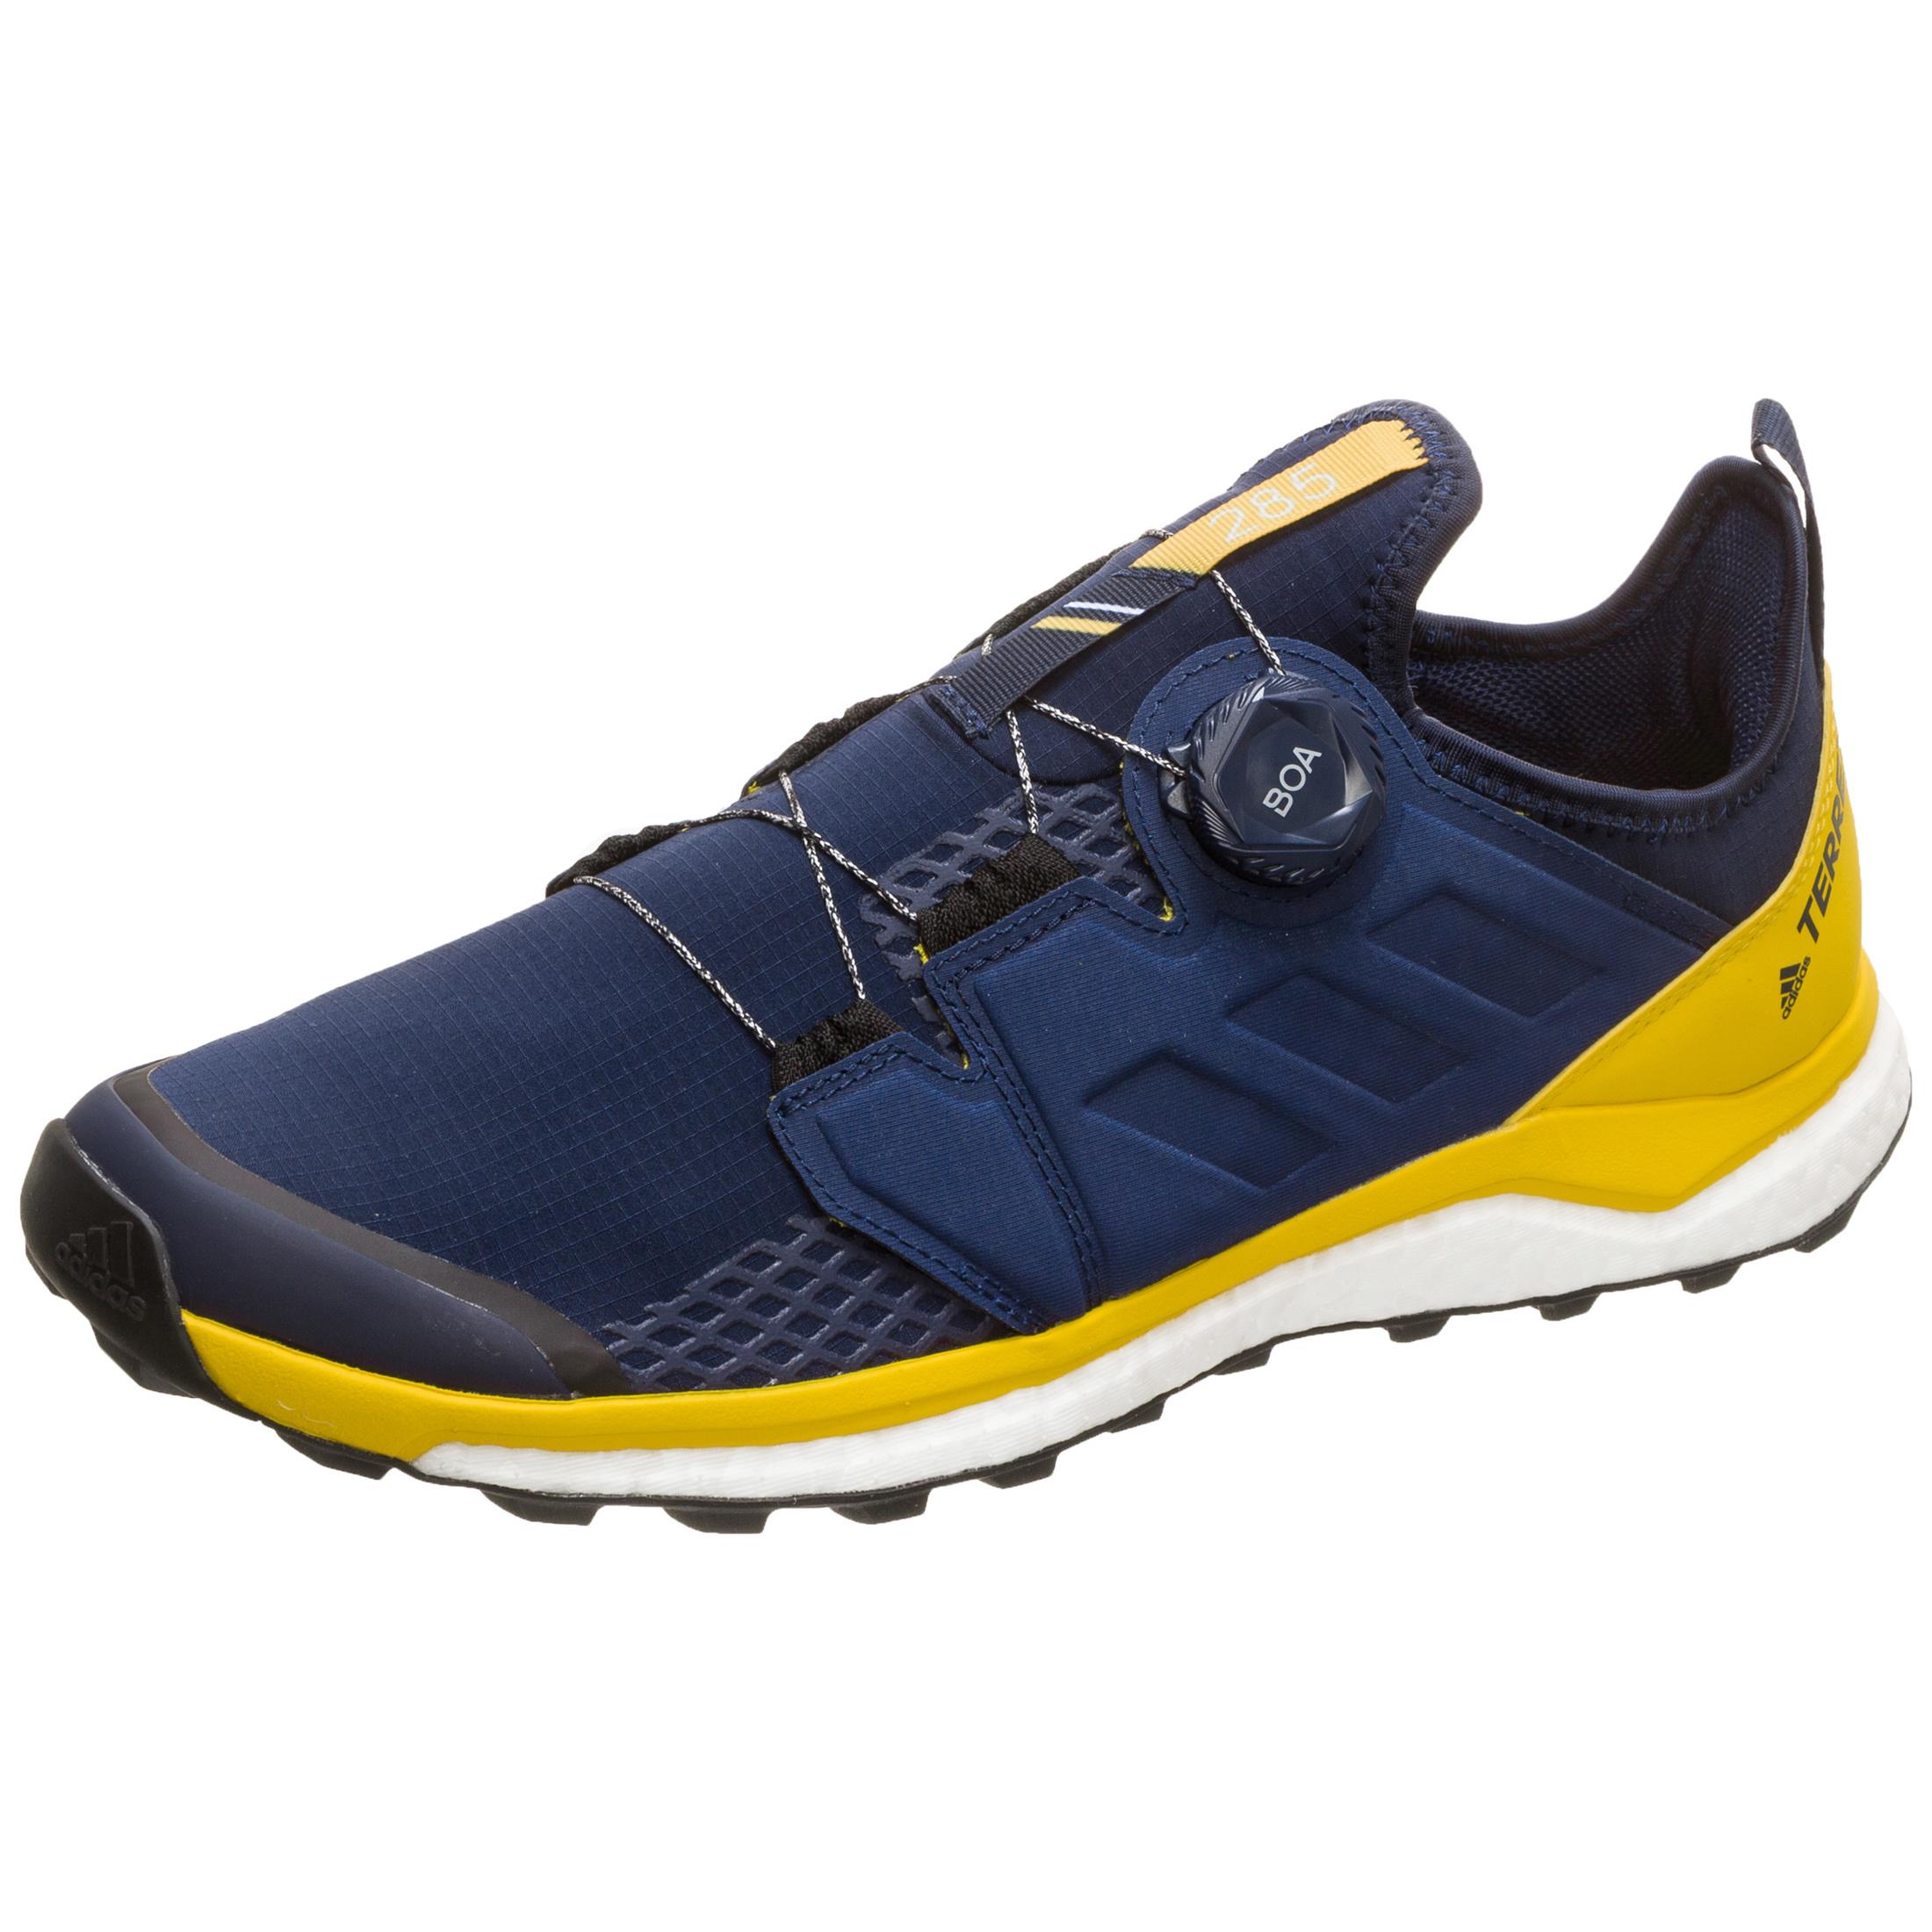 Rabatt Mehr Sport > Running > Laufschuhe